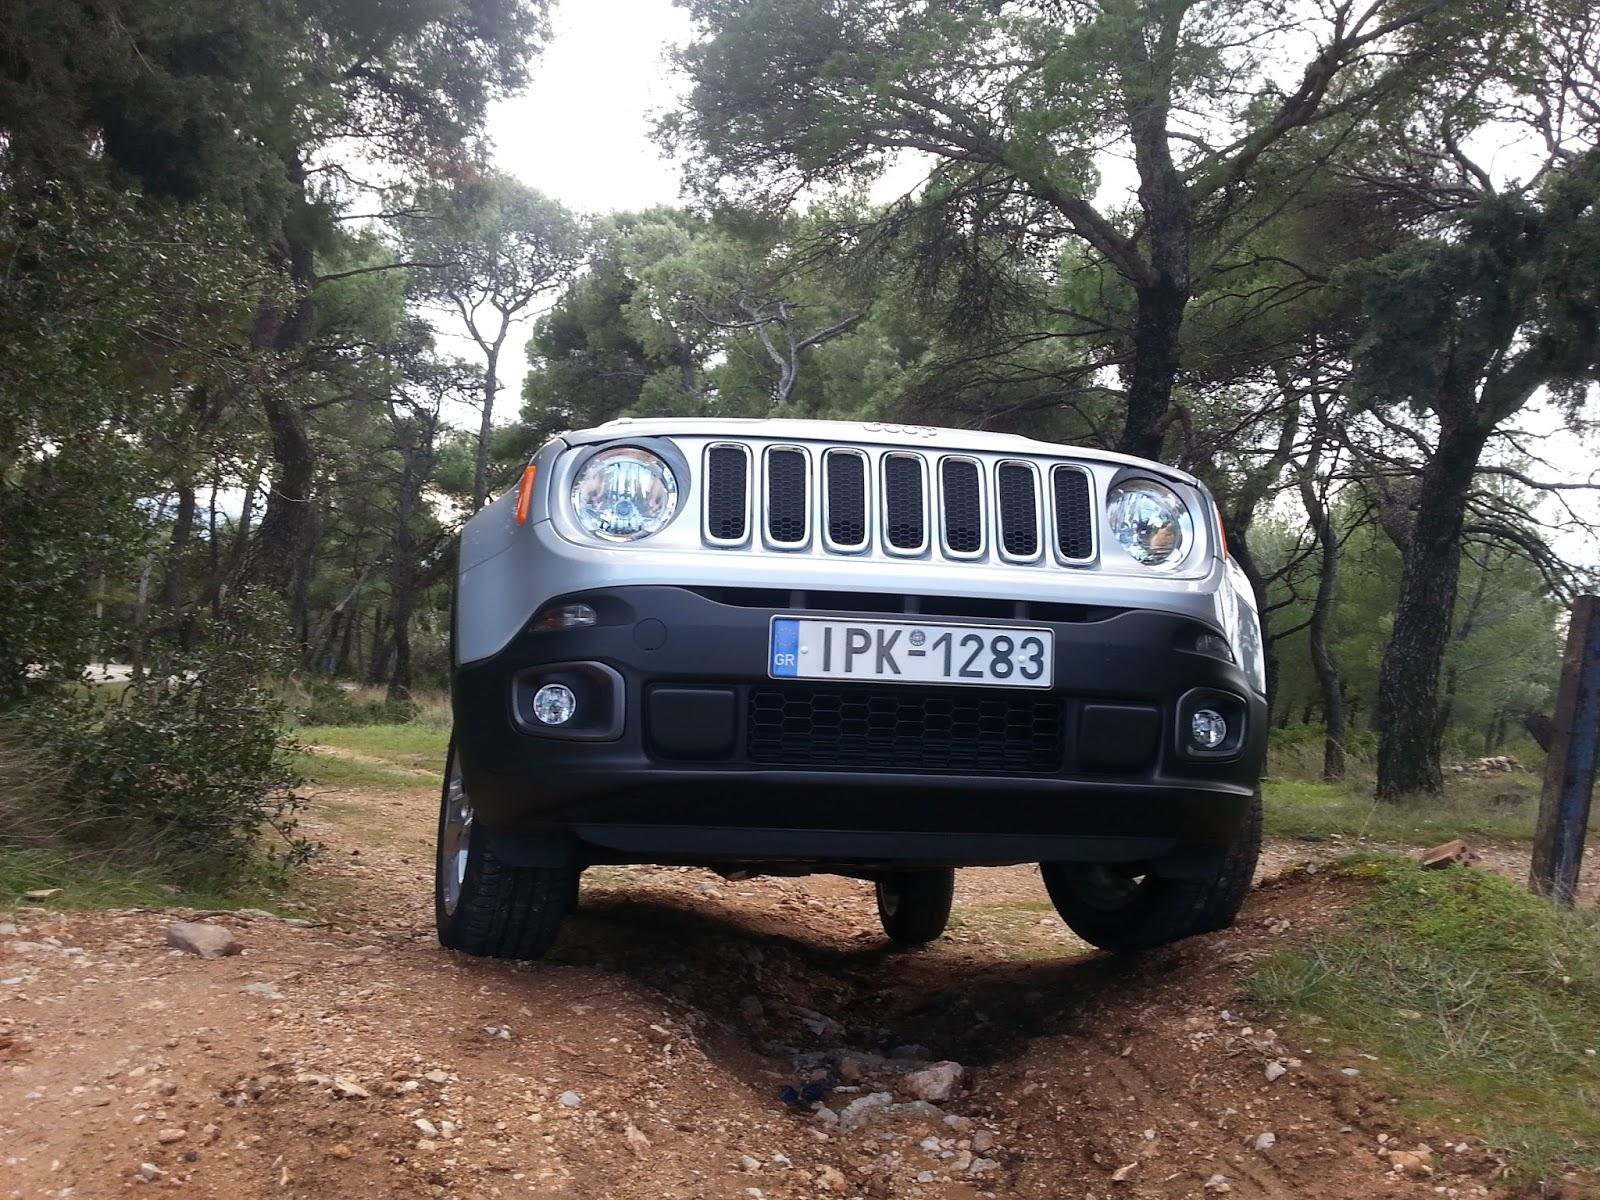 8 Ρίχνουμε ένα Jeep Renegade σε λάσπη, χιόνι, χώμα